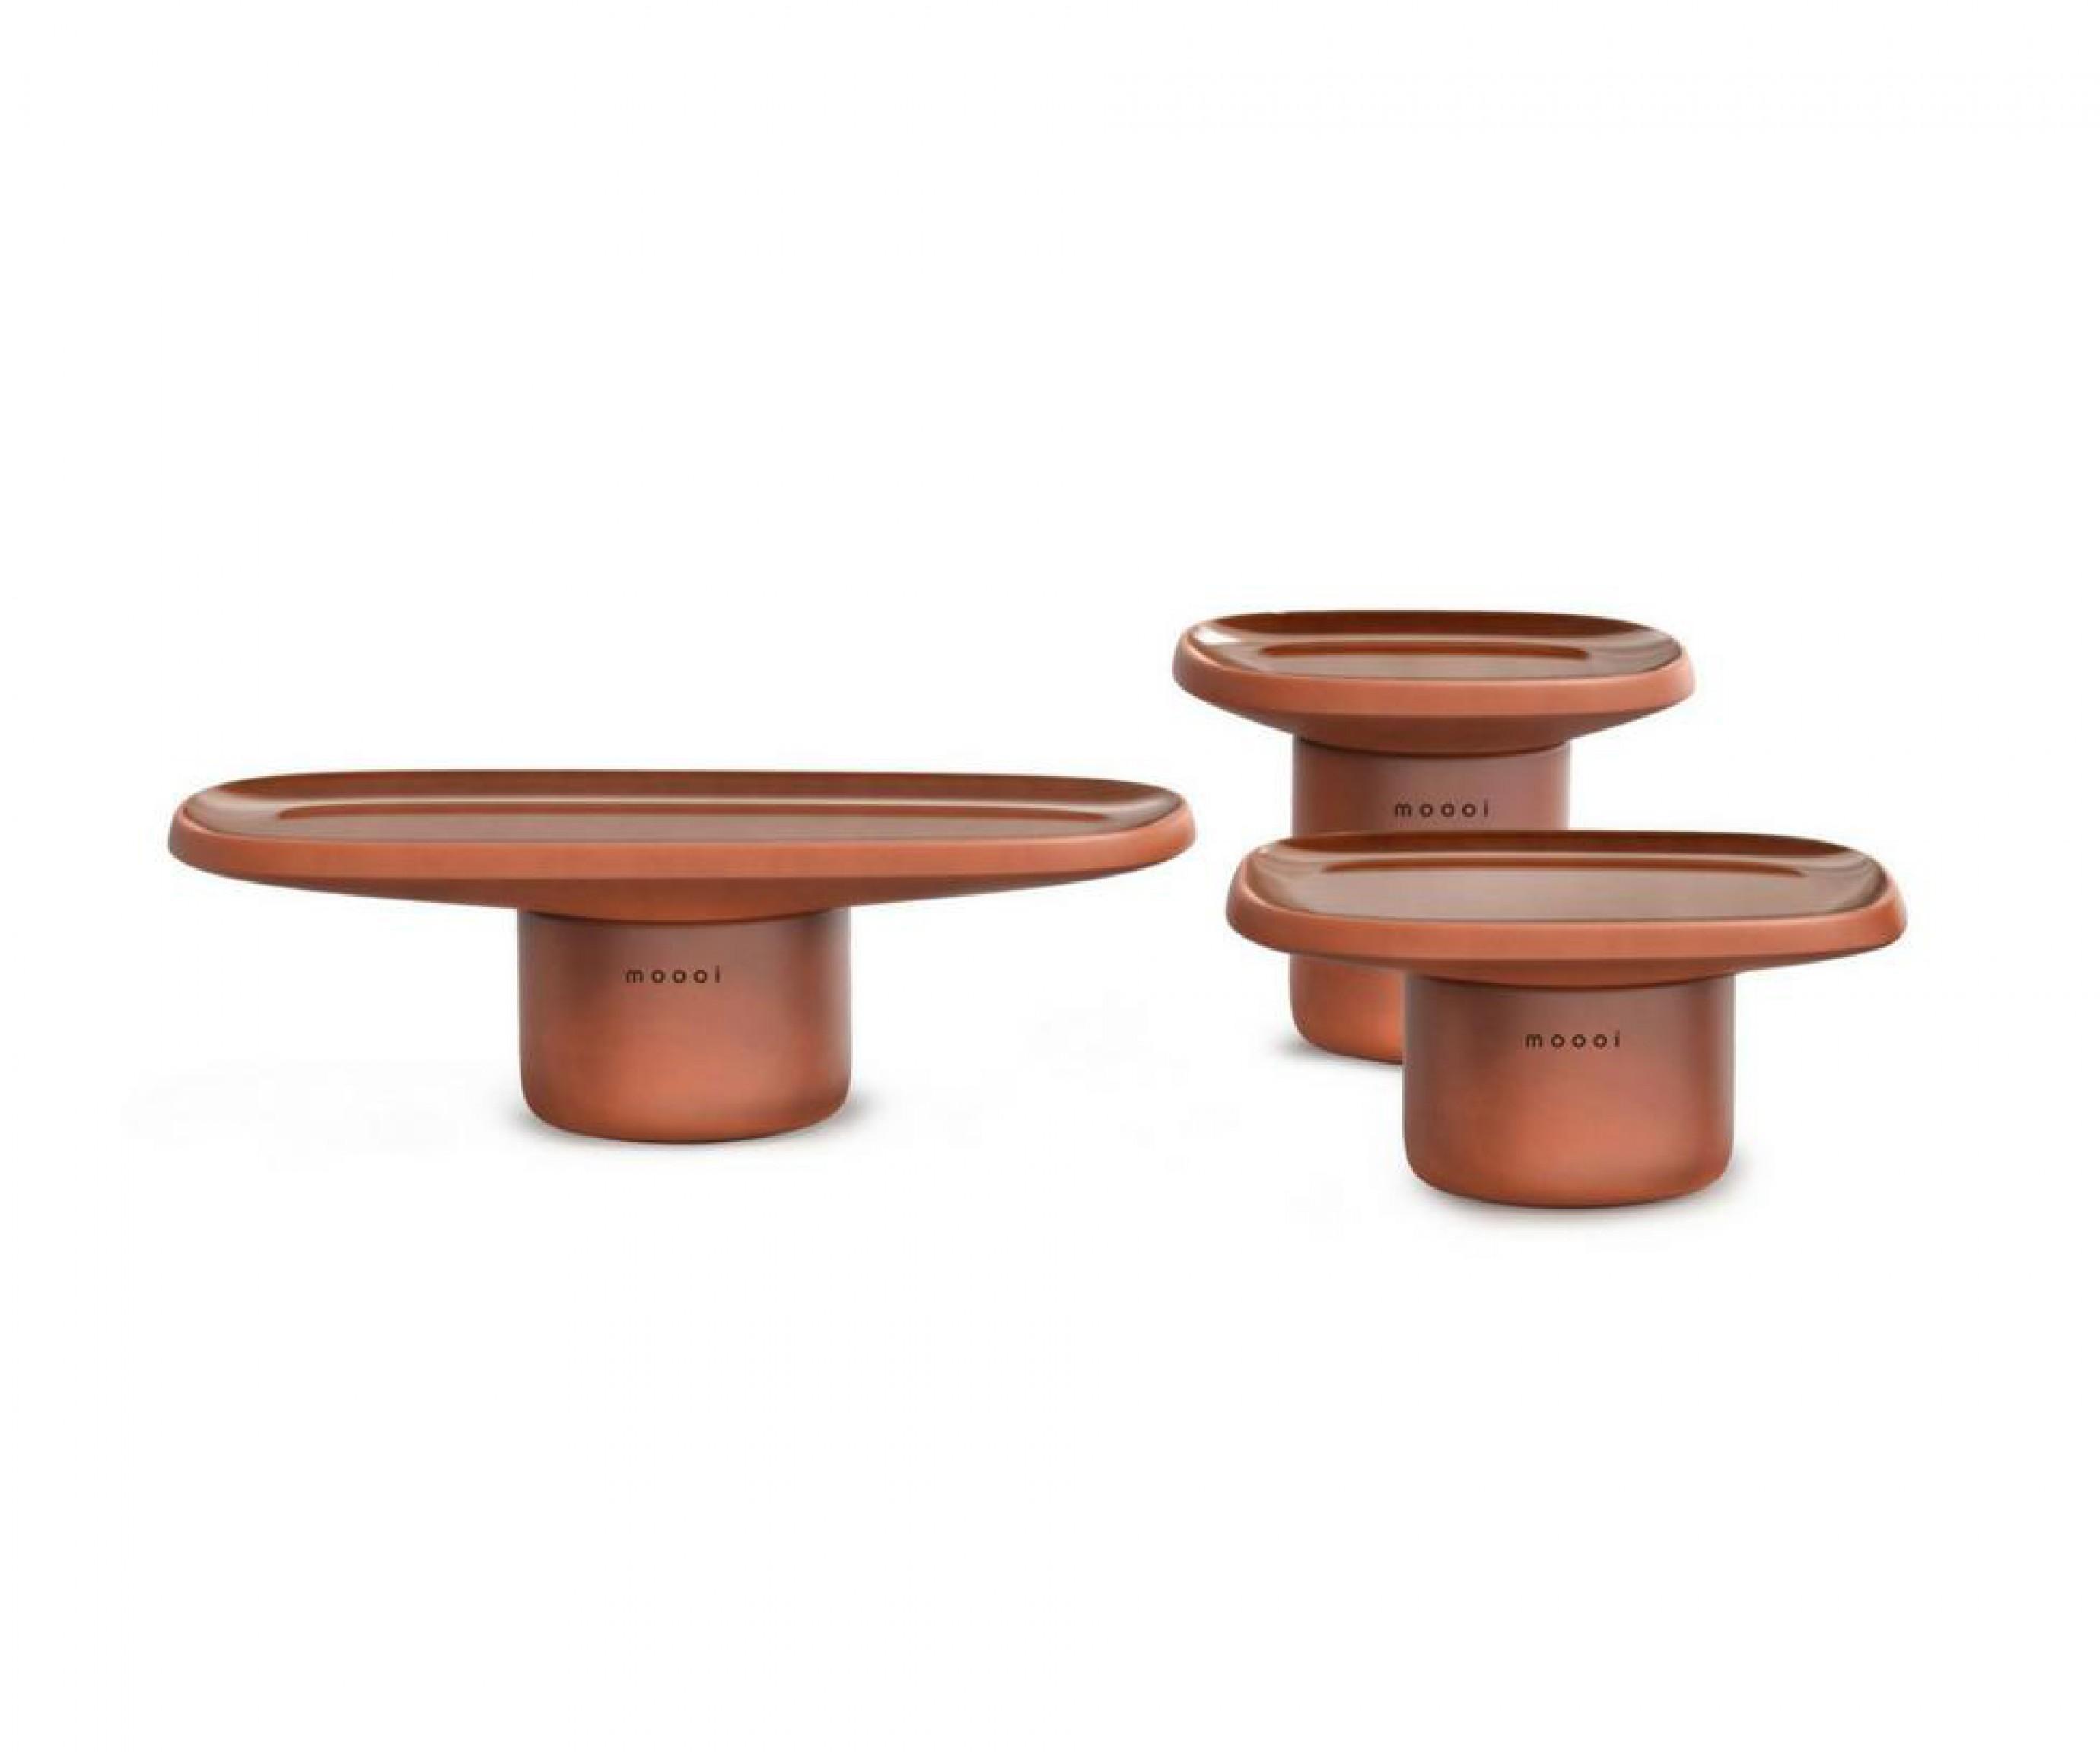 Obon: een collectie van 3 lage tafels in geglazuurde terracotta en kunststof  Victors Design Agency